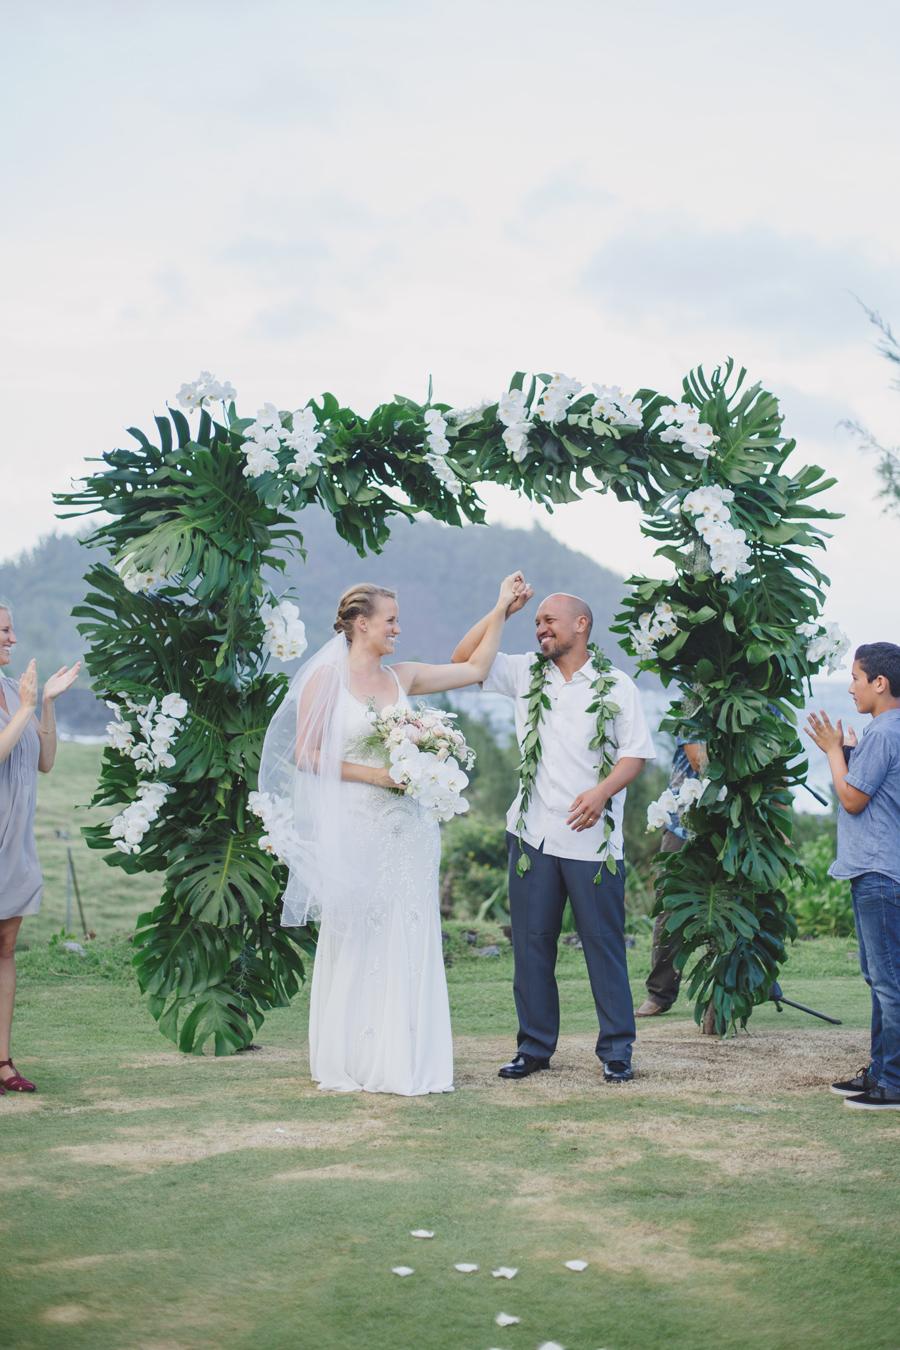 mamaui wedding celebration